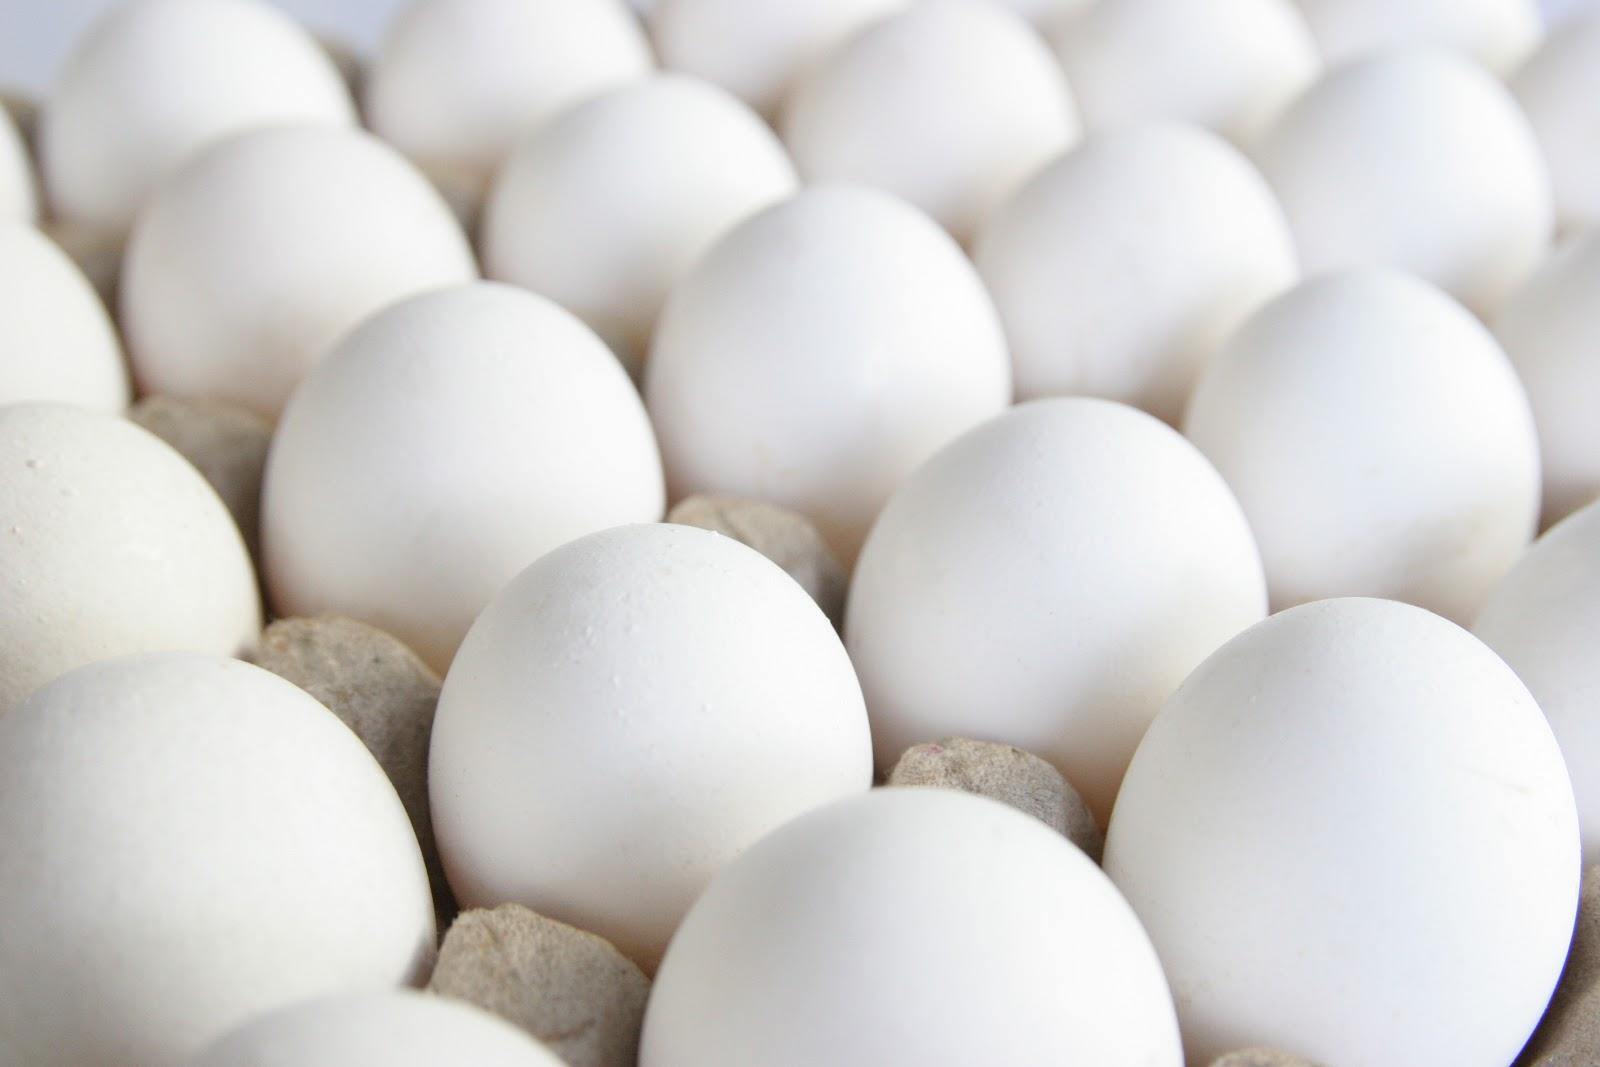 نوسانات بازار تخم مرغ